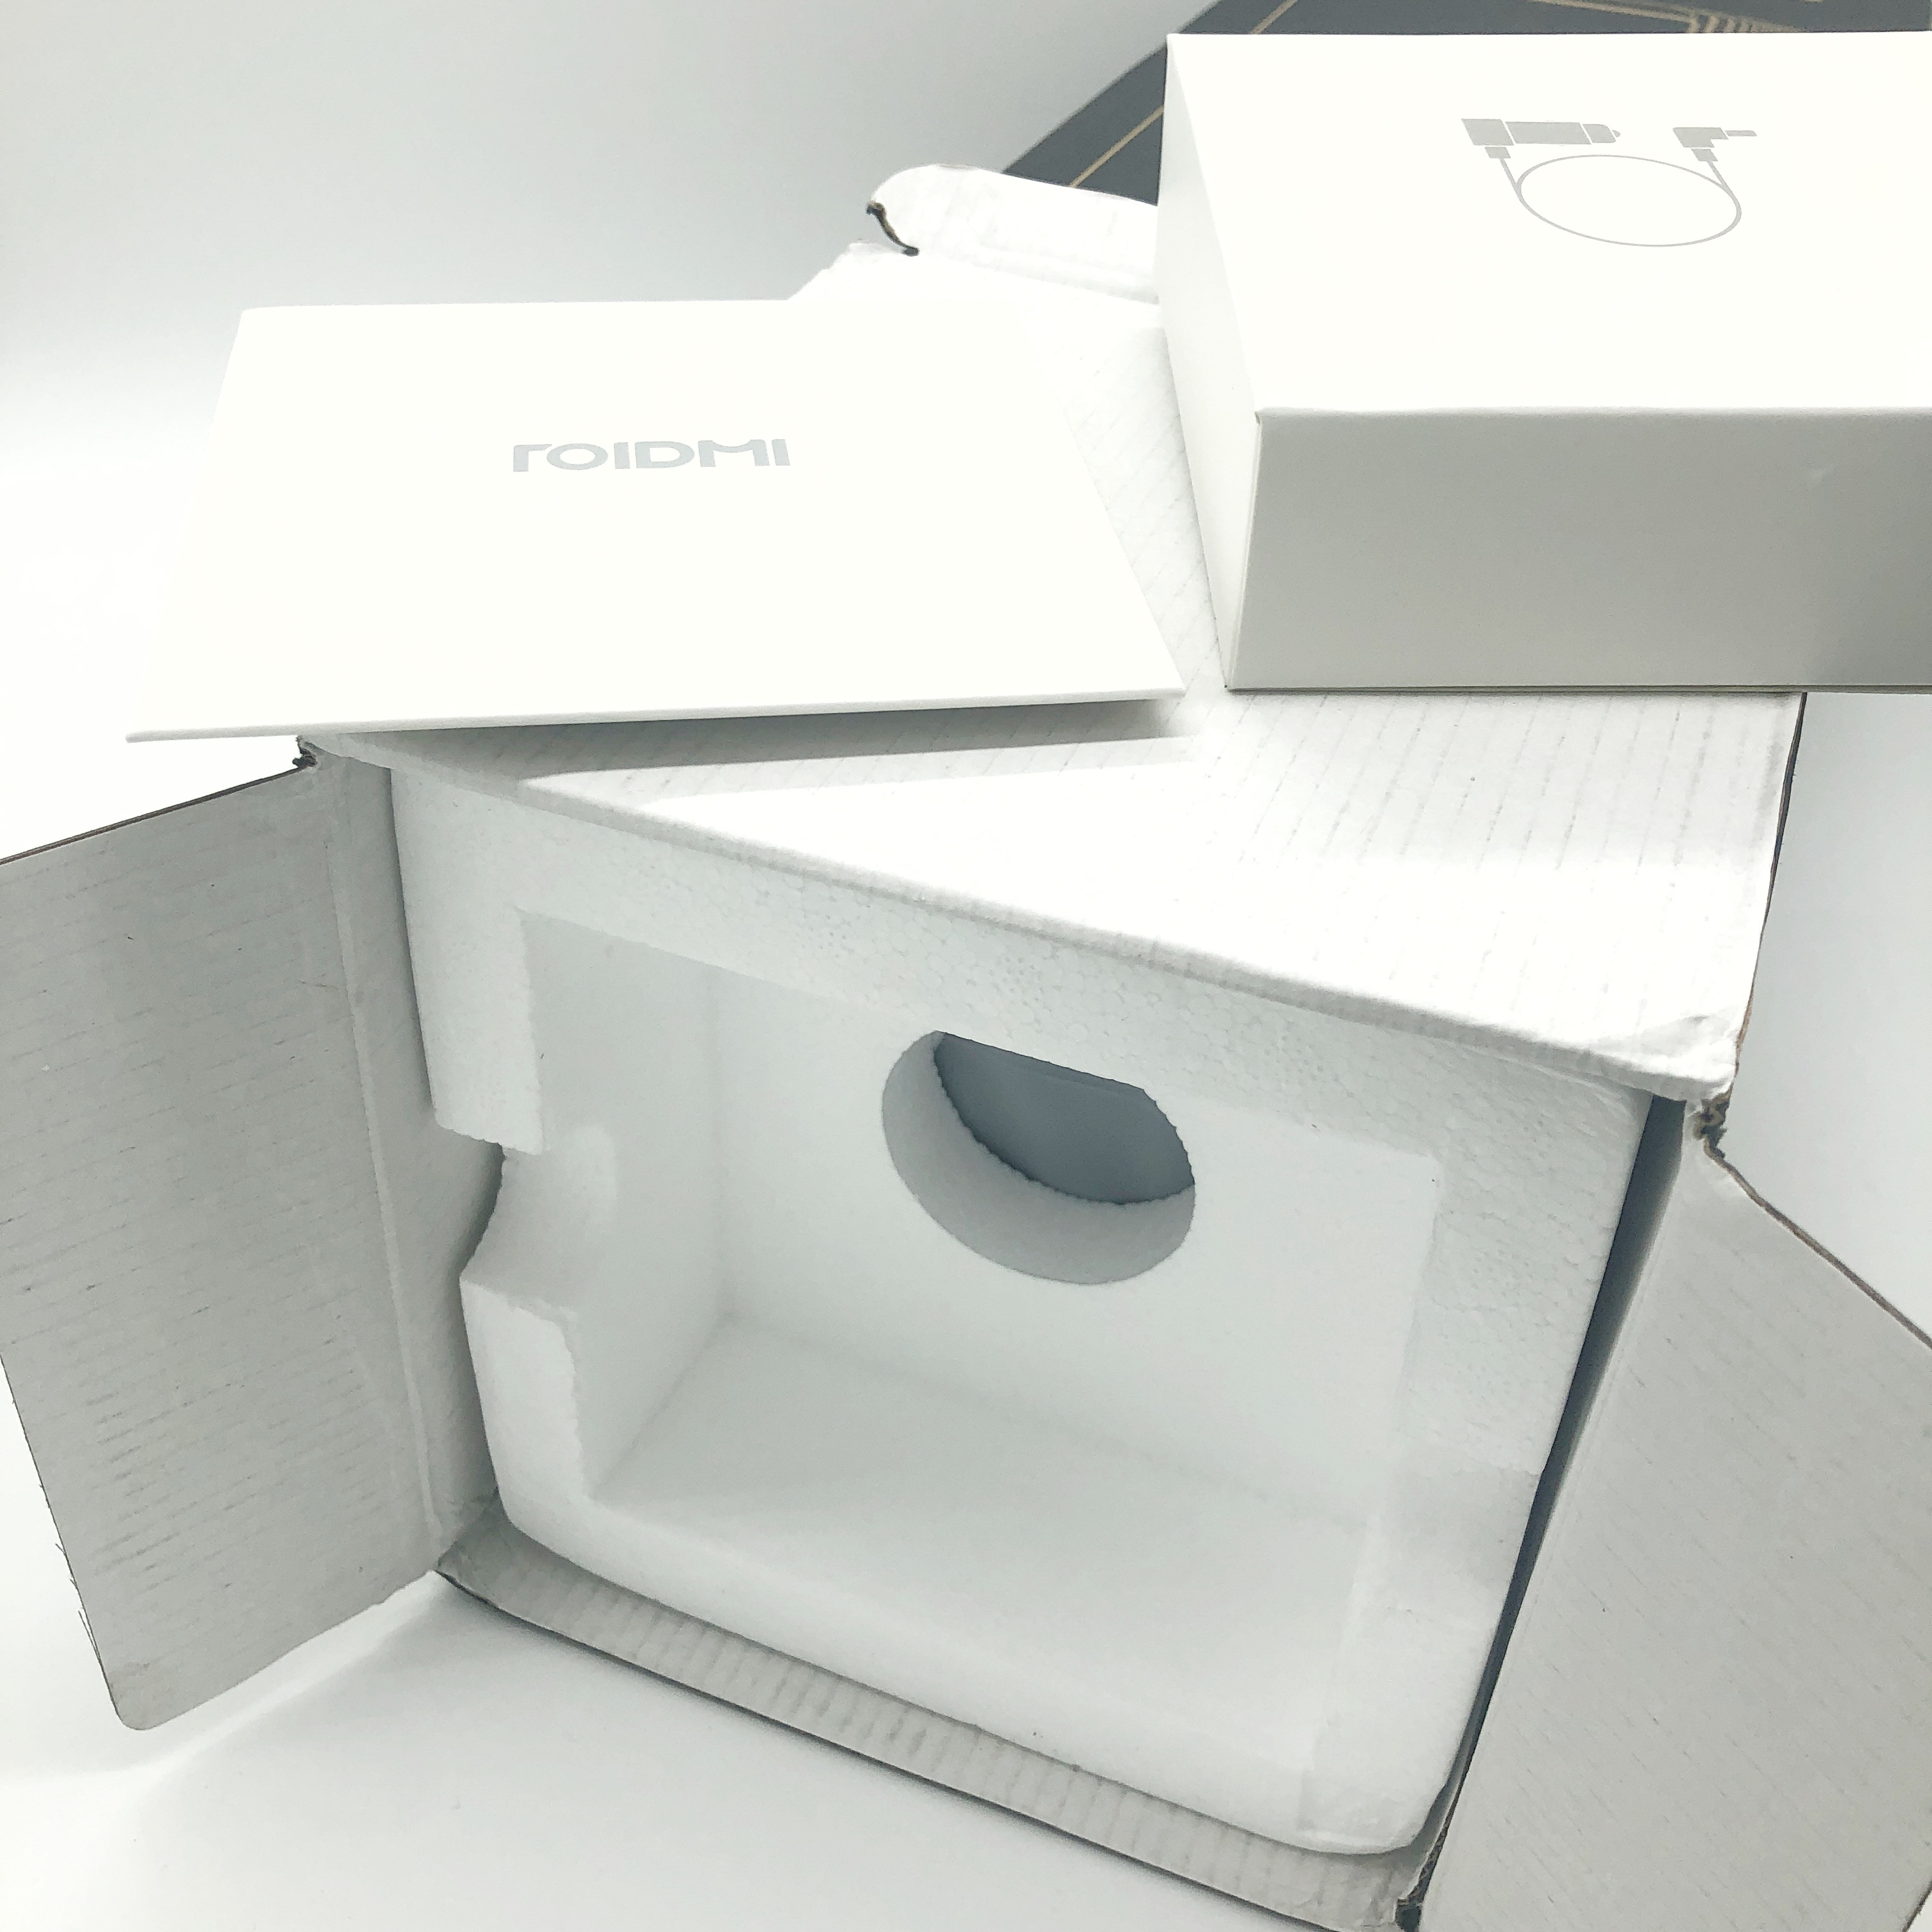 Xiaomi Roidmi καθαριστής αυτοκινήτων OLED [αποσυσκευασία]